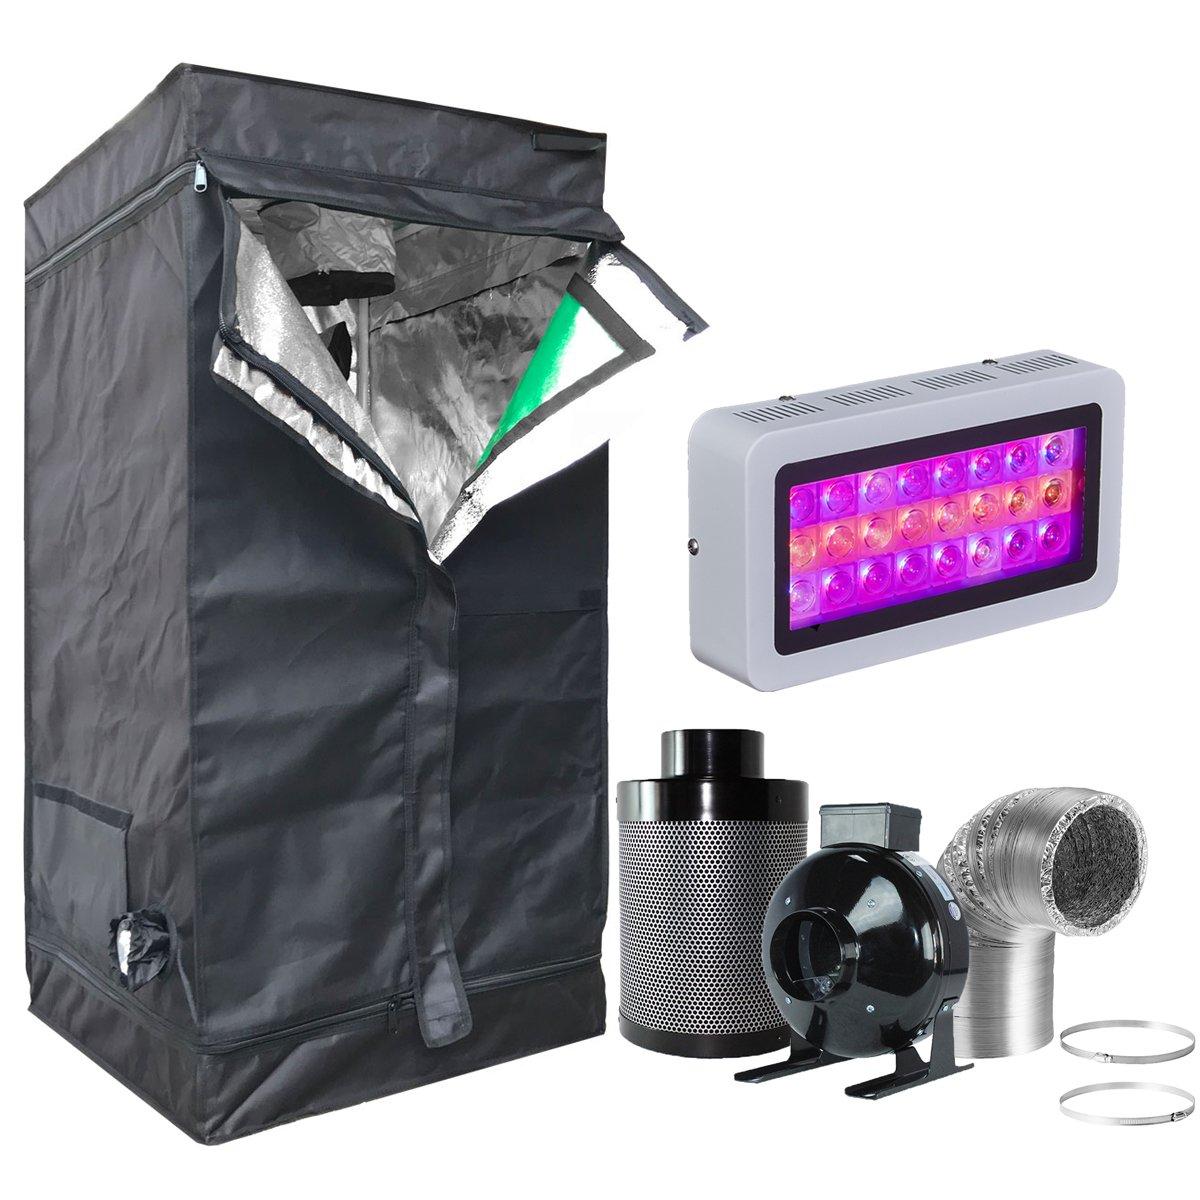 Hongruilite 24''X24''X48'' - Indoor Grow Tent Package